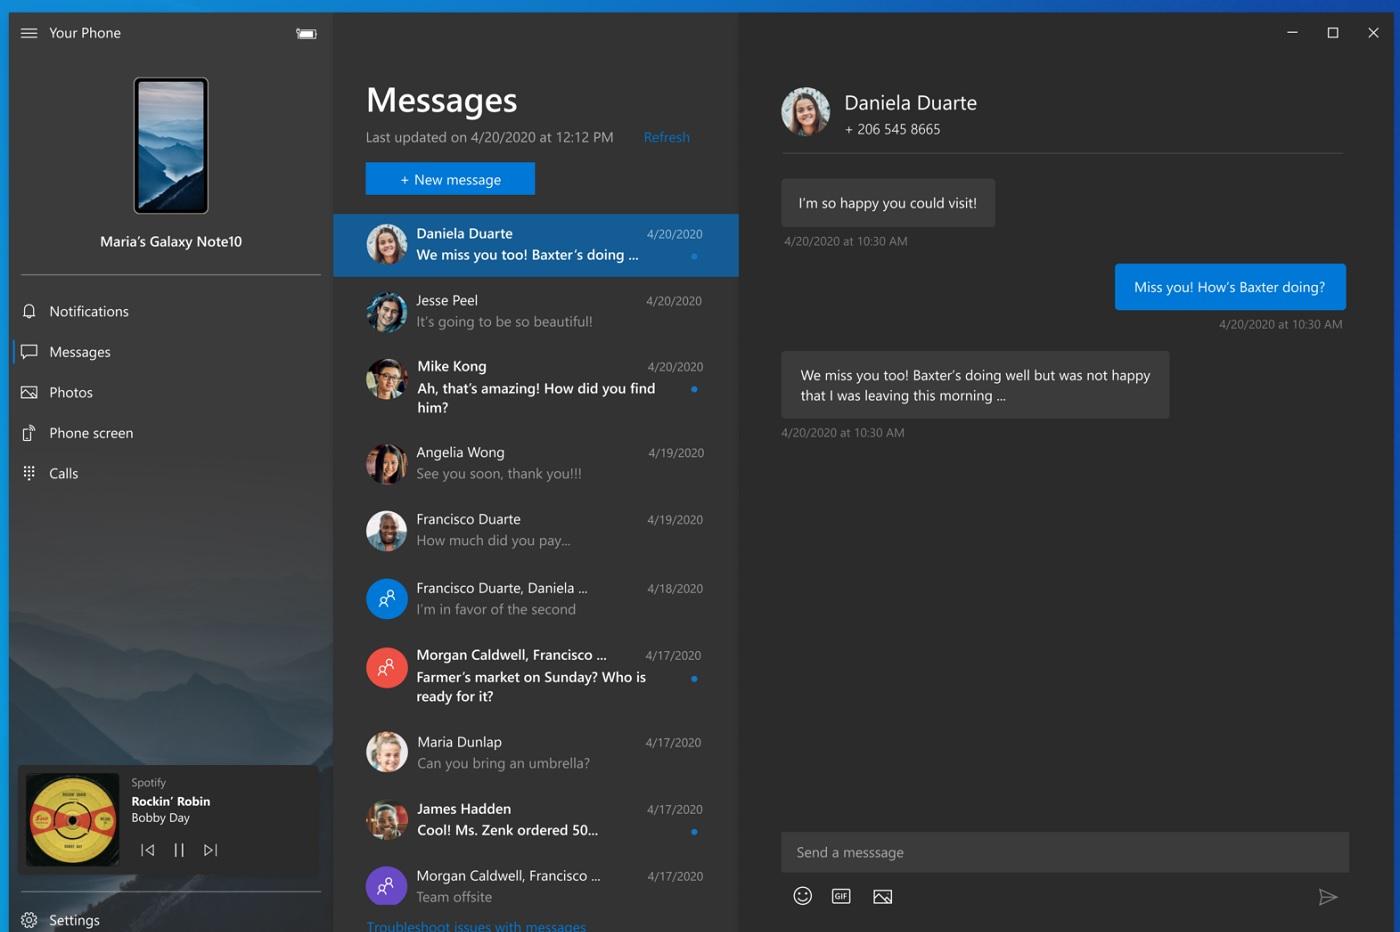 L'application Votre téléphone de Microsoft sur Windows 10